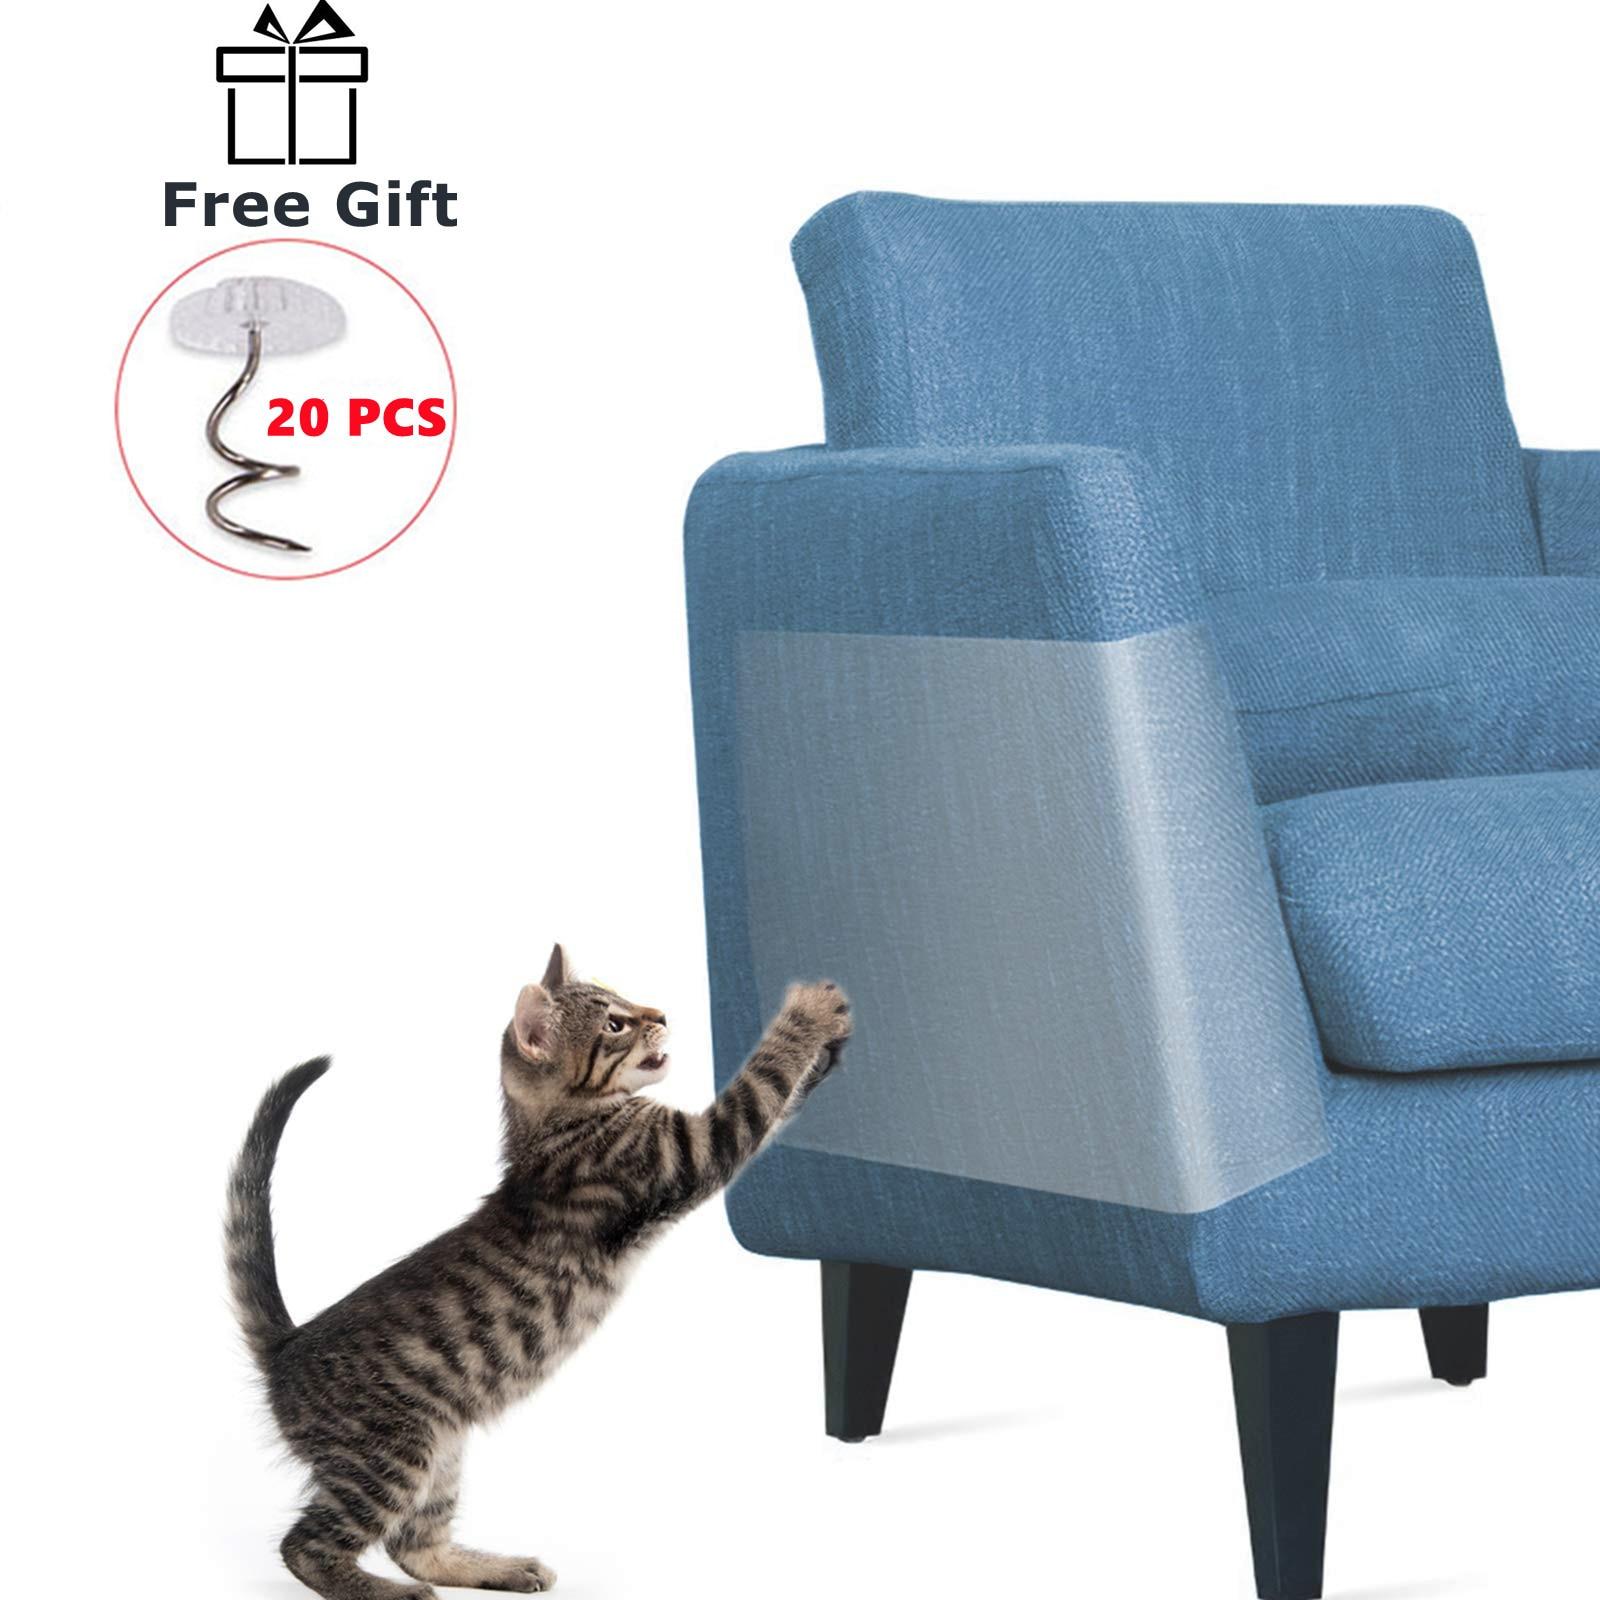 Anti Cat Scratcher Guard Cat tiragraffi mobili divano divano Protector raschietto per gatti deterrente nastro zampa pad protezione tappeto